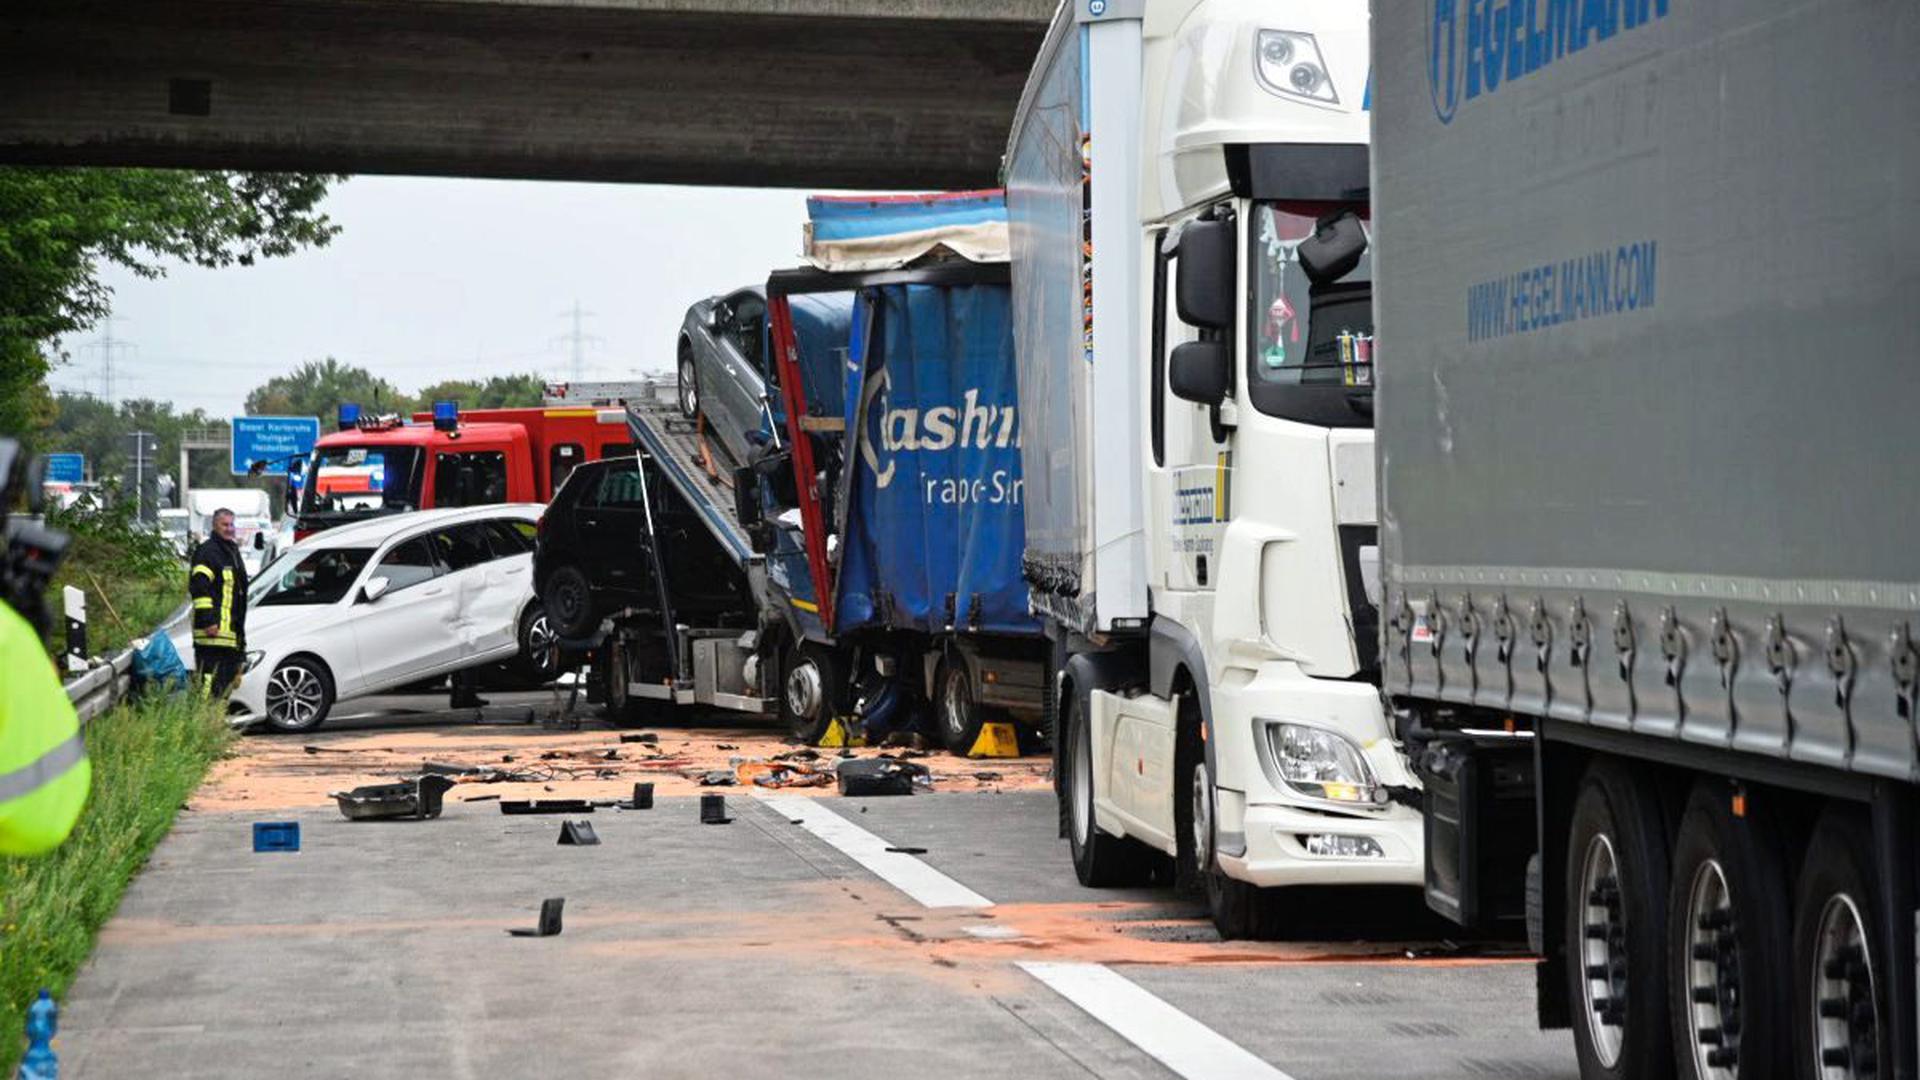 Auf der A5 hat sich ein schwerer Unfall ereignet. Der Fahrer eines Autotransporters hatte ein Stauende übersehen und war auf einen zweiten Lkw aufgefahren.